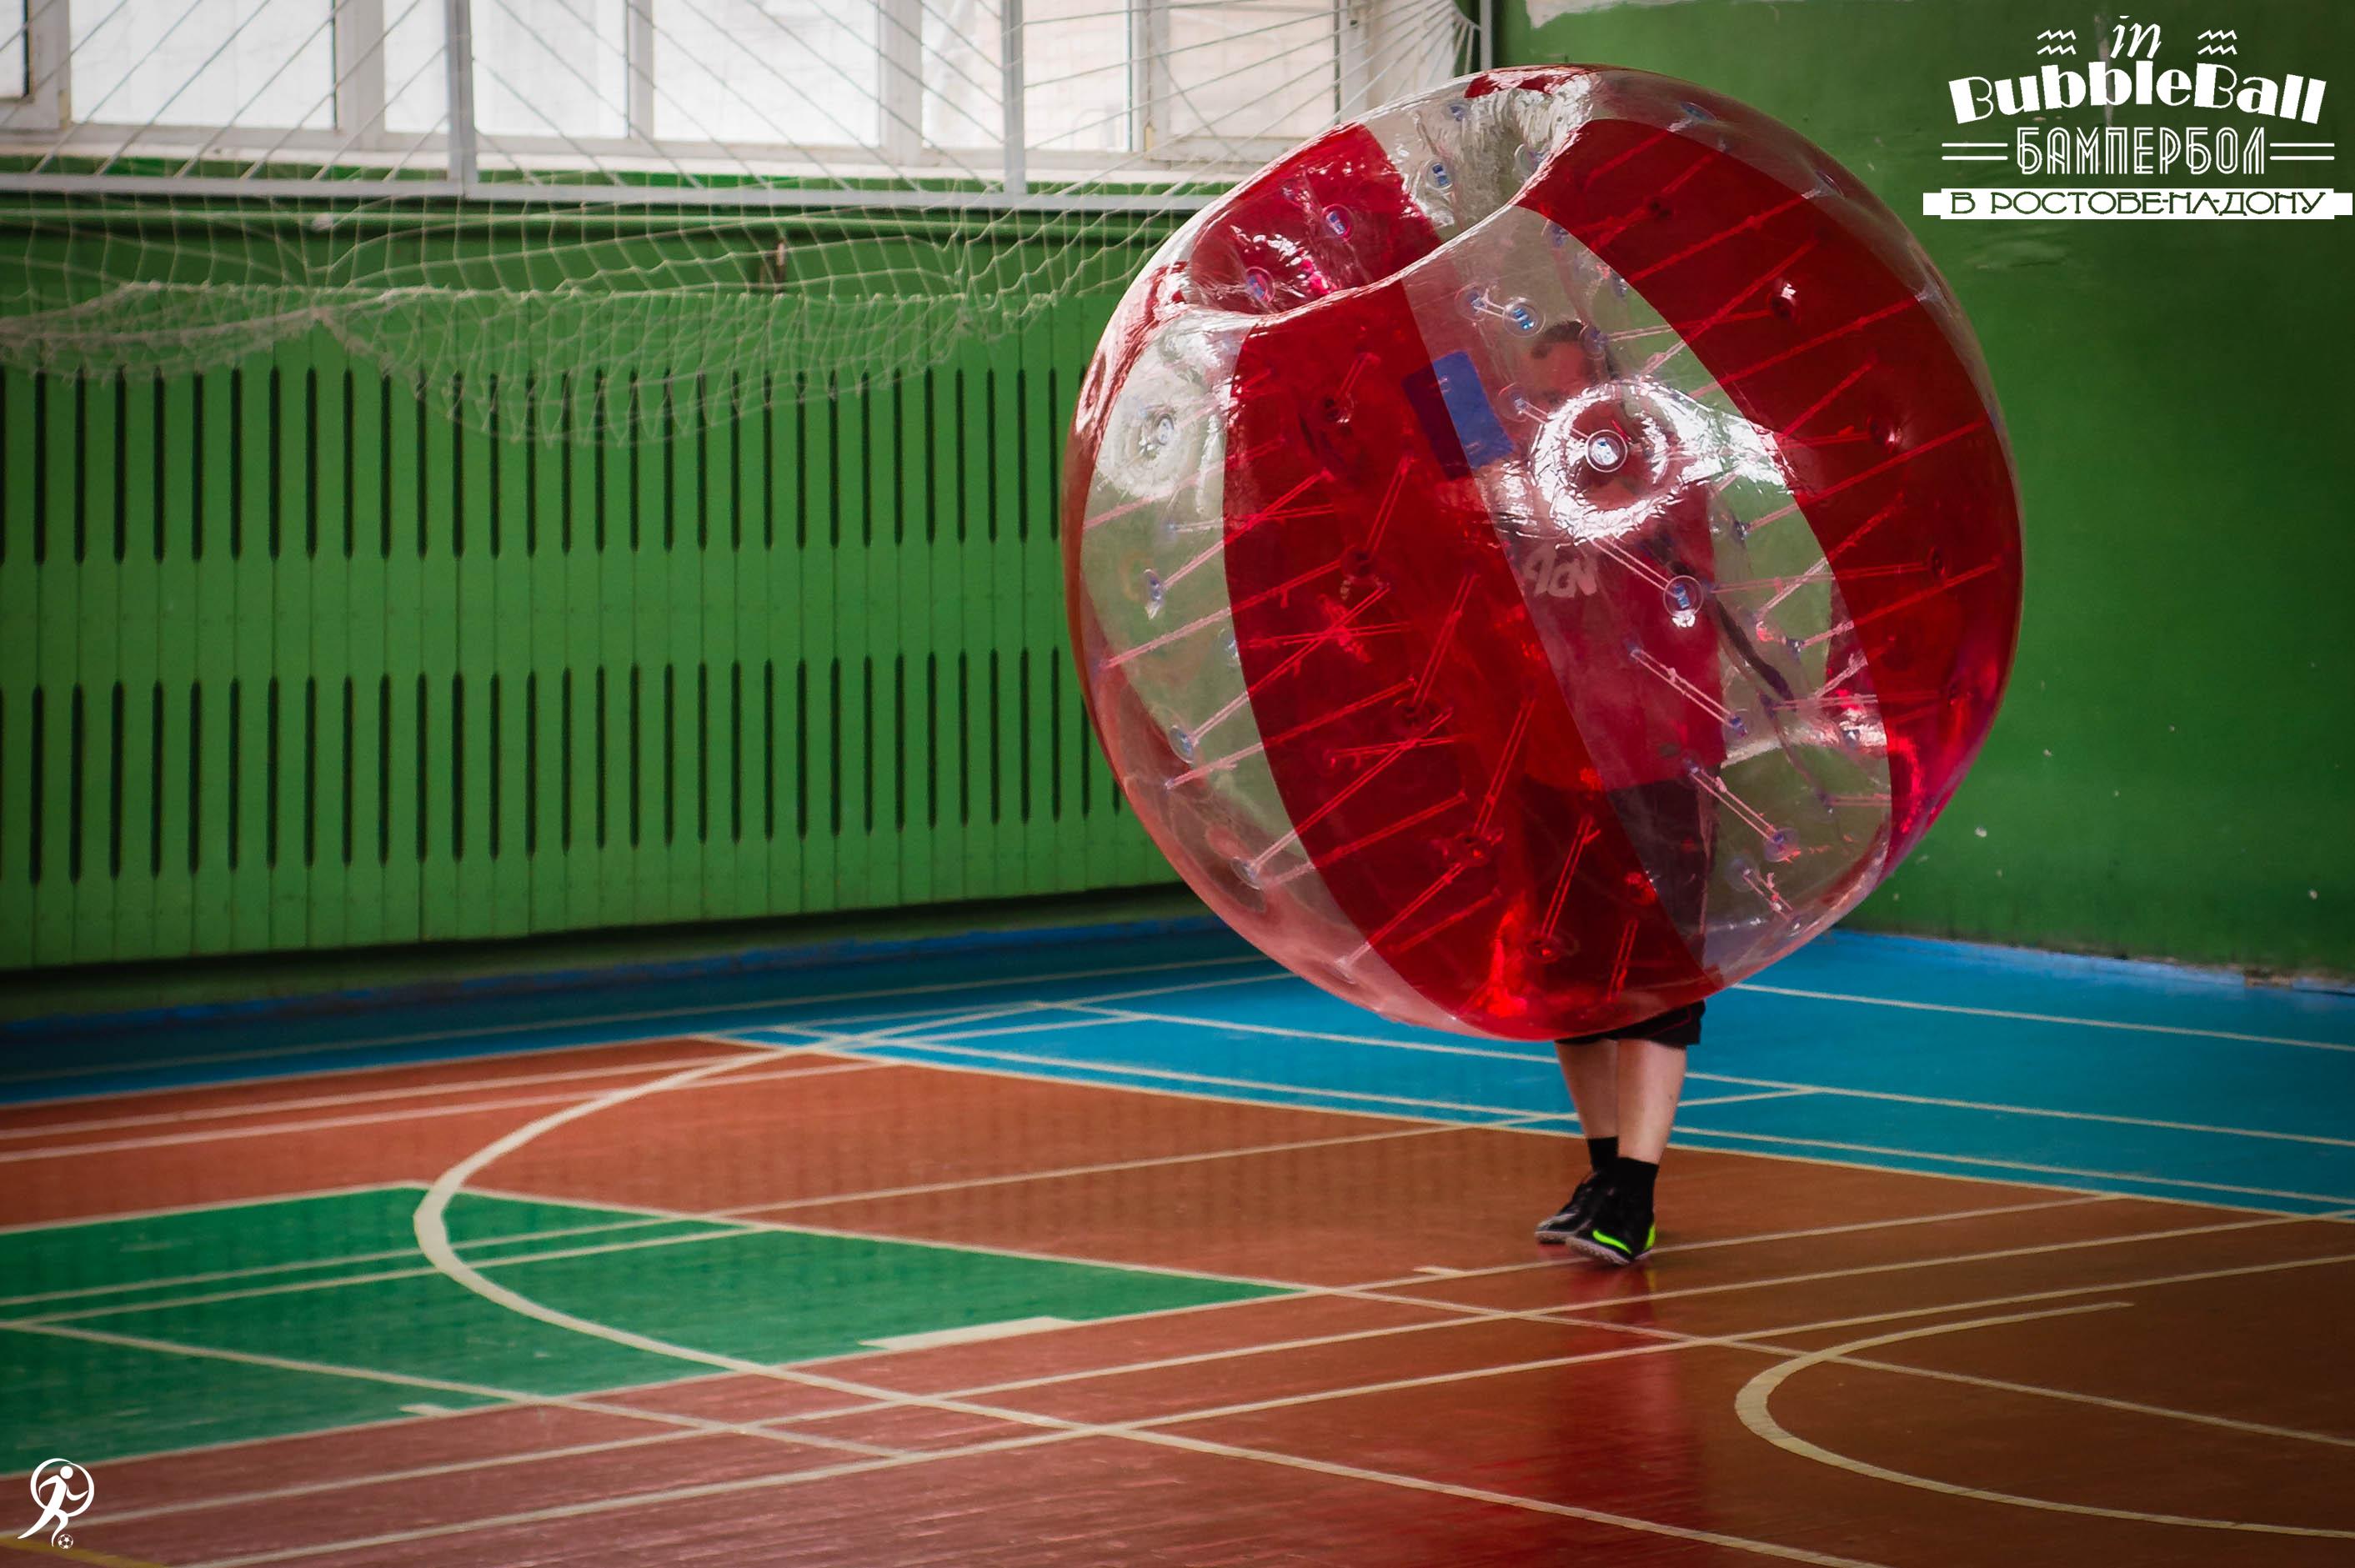 Бампербол Ростов